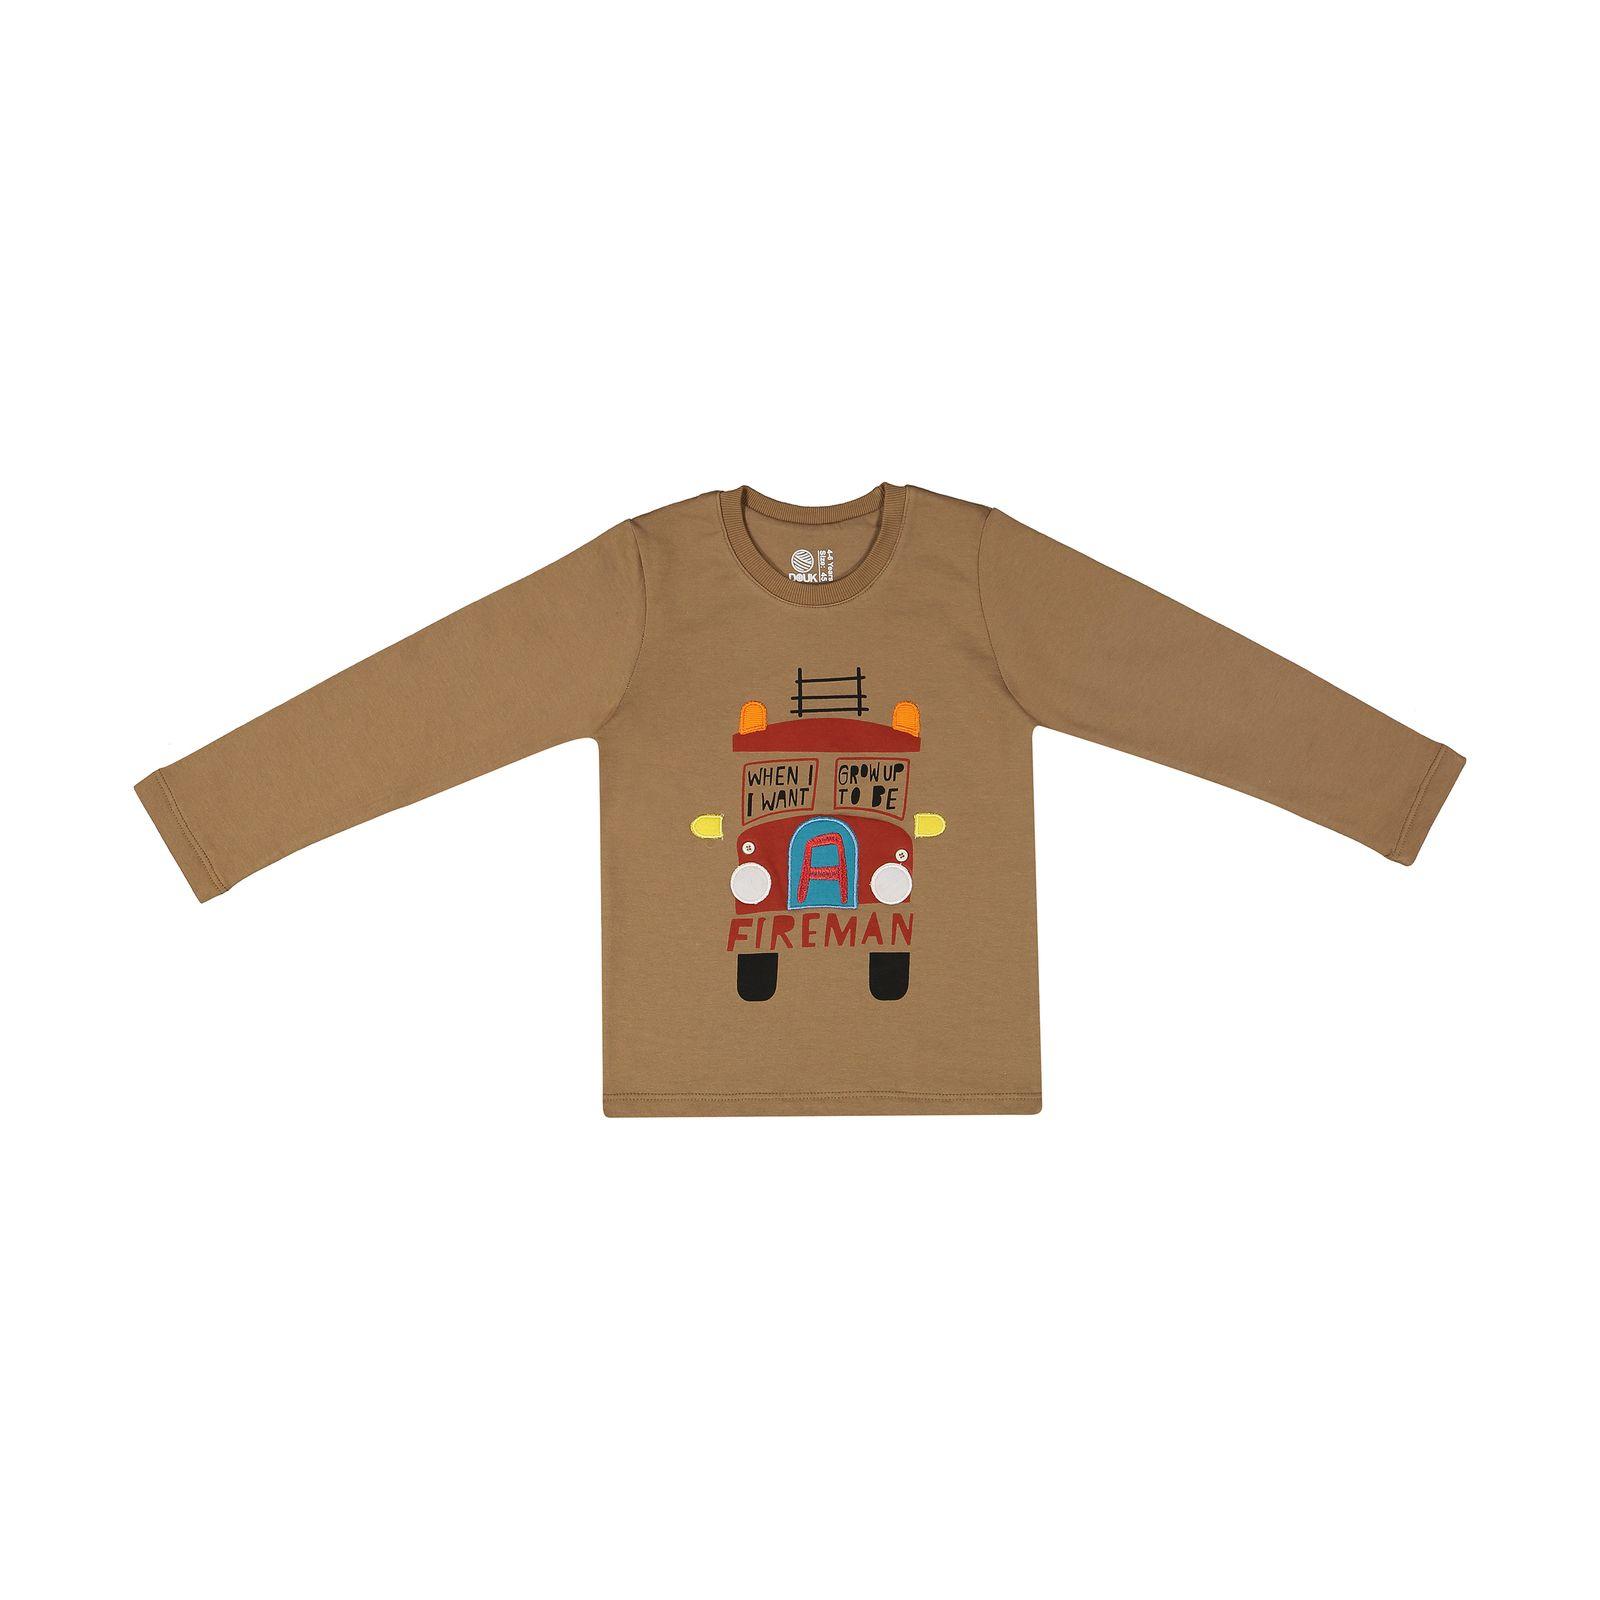 تی شرت پسرانه سون پون مدل 1391363-27 -  - 2